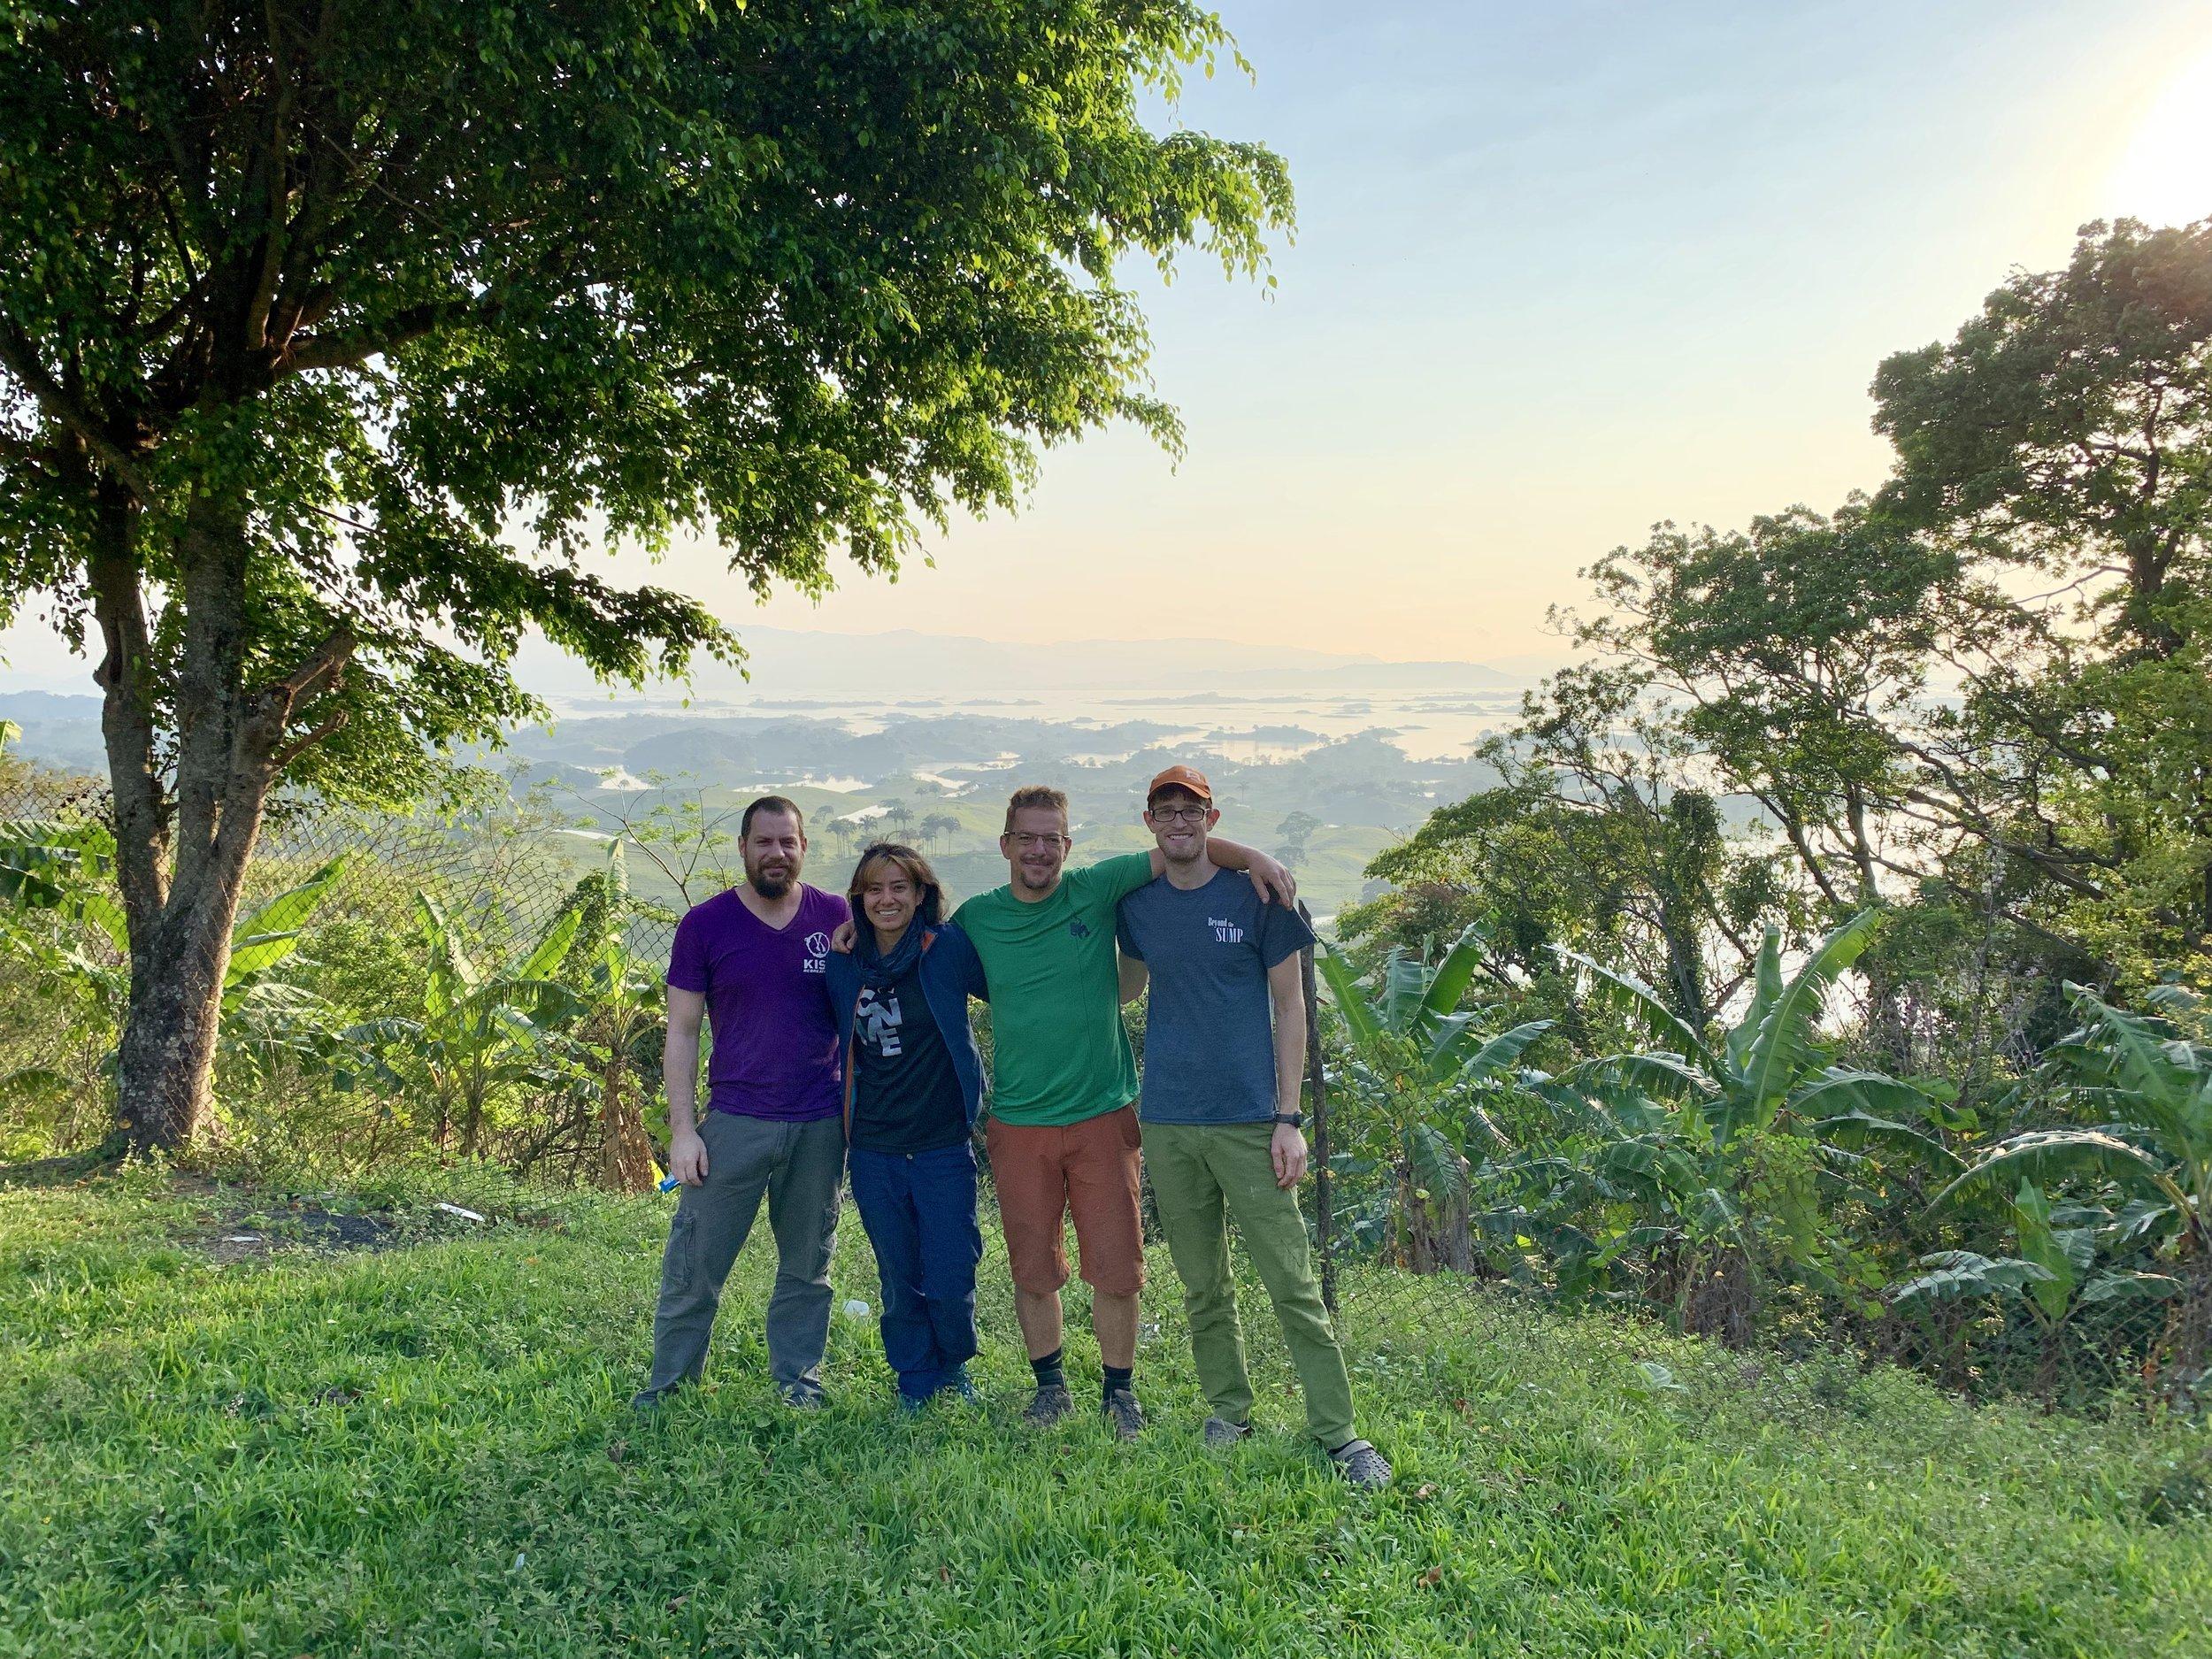 Joe Heinrichs, Alejandra mendoza, Andreas Klocker, And Teddy Garlock above lake Miguel Alemán.